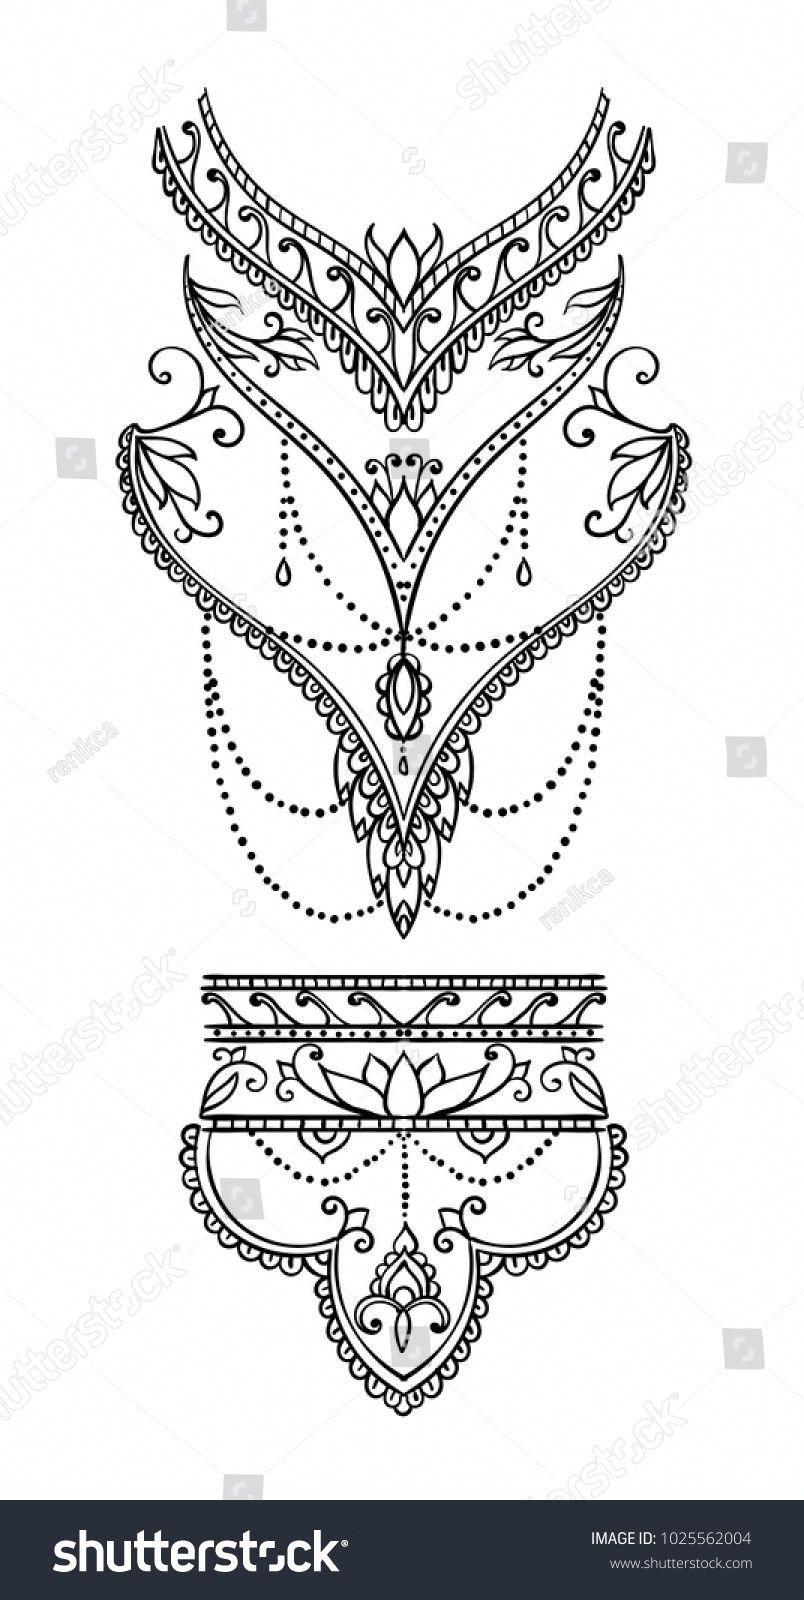 Tattoo Ideen Tattoo Notitle Tattoo Tattooideen 13